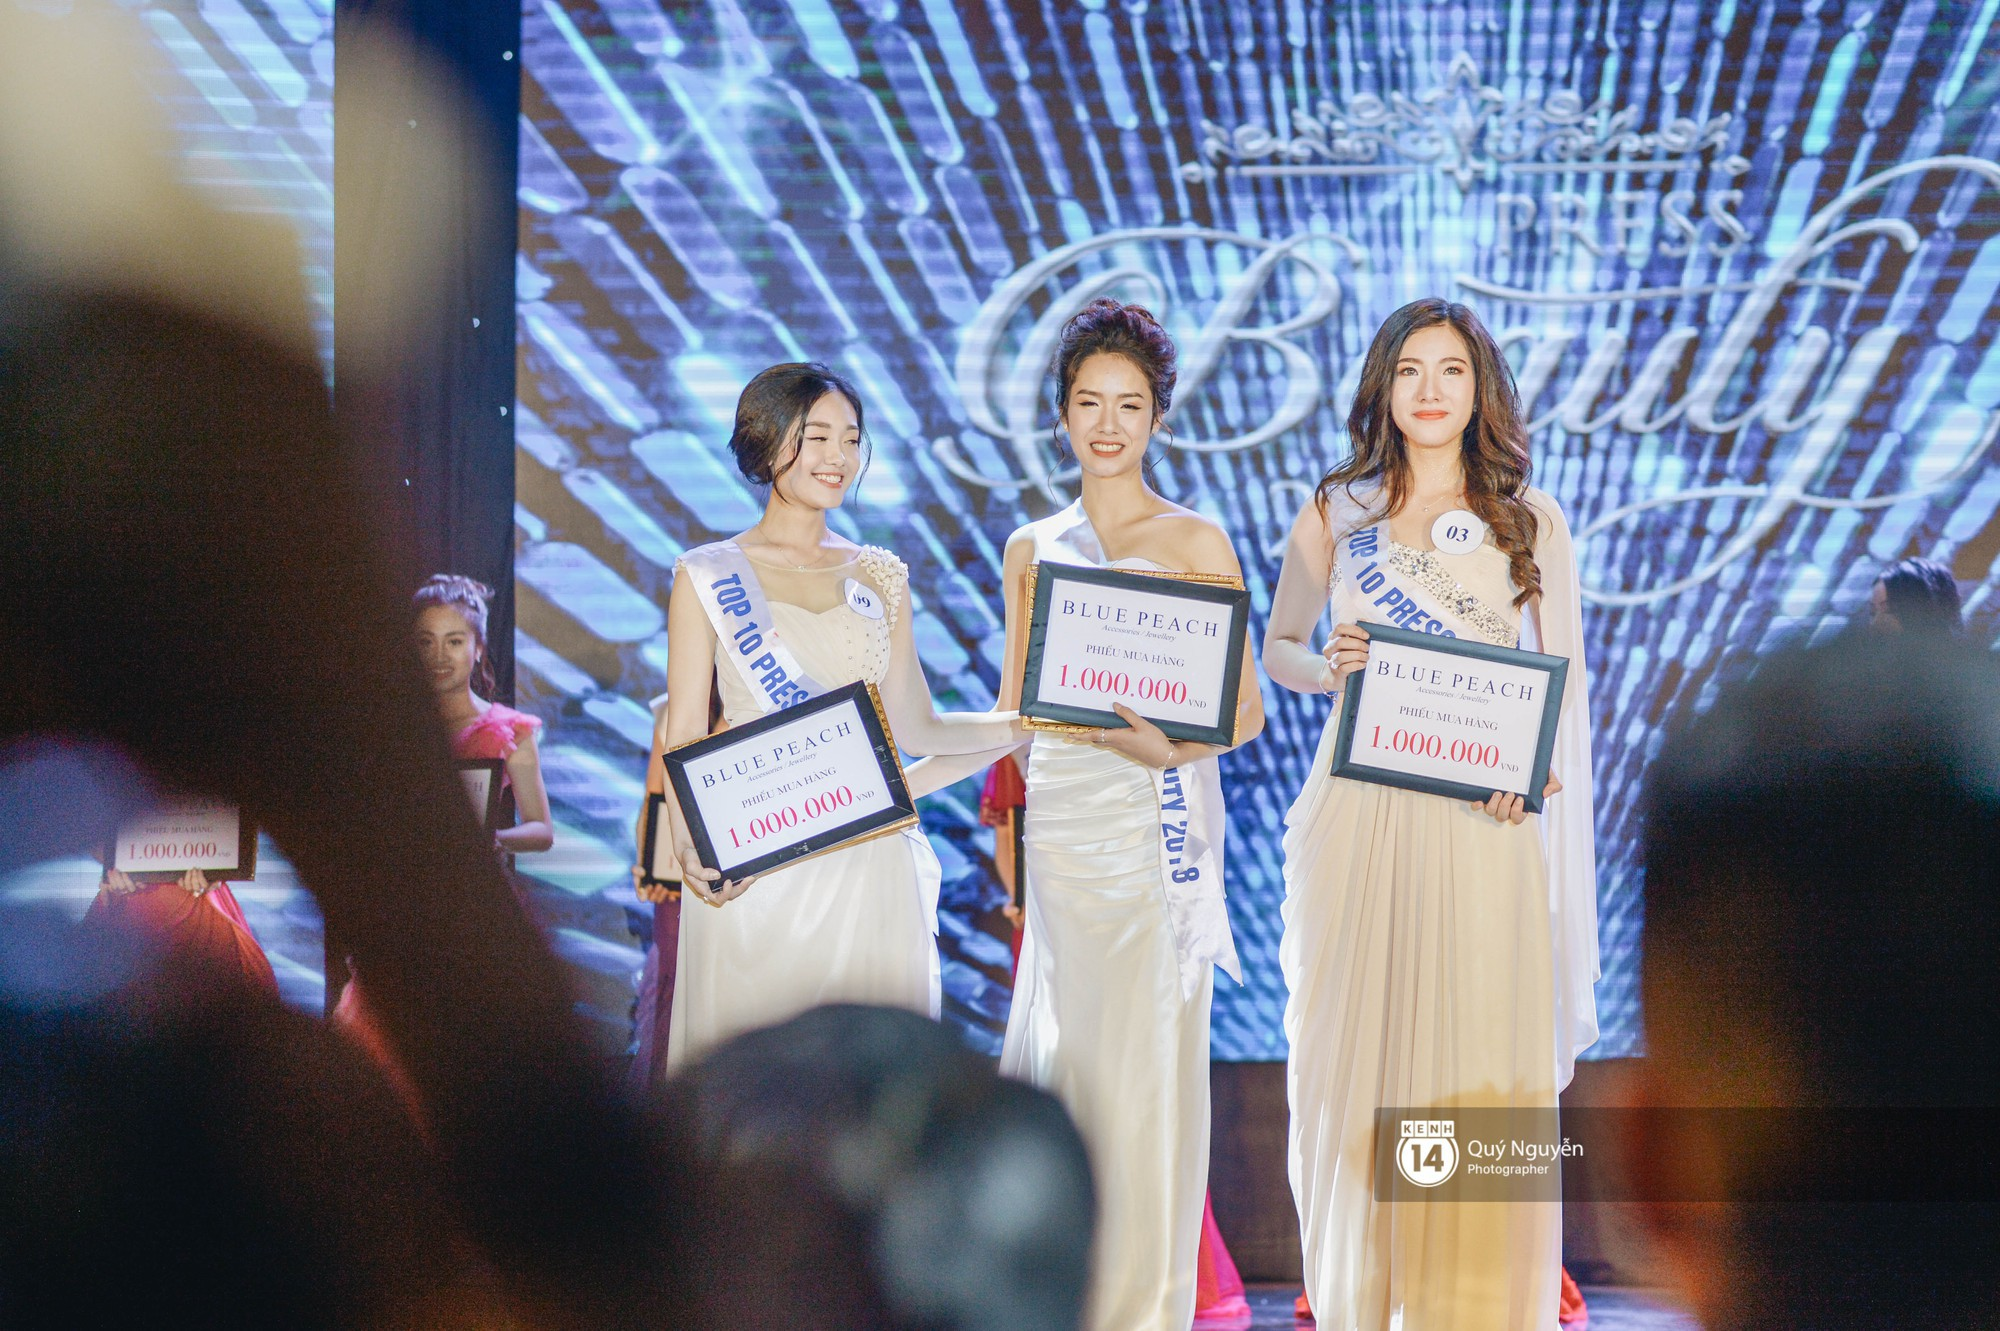 Dàn Hoa khôi Học viện Báo chí sau khi đăng quang nhiều năm: Ai cũng xinh đẹp hơn, thành công hơn! - Ảnh 29.